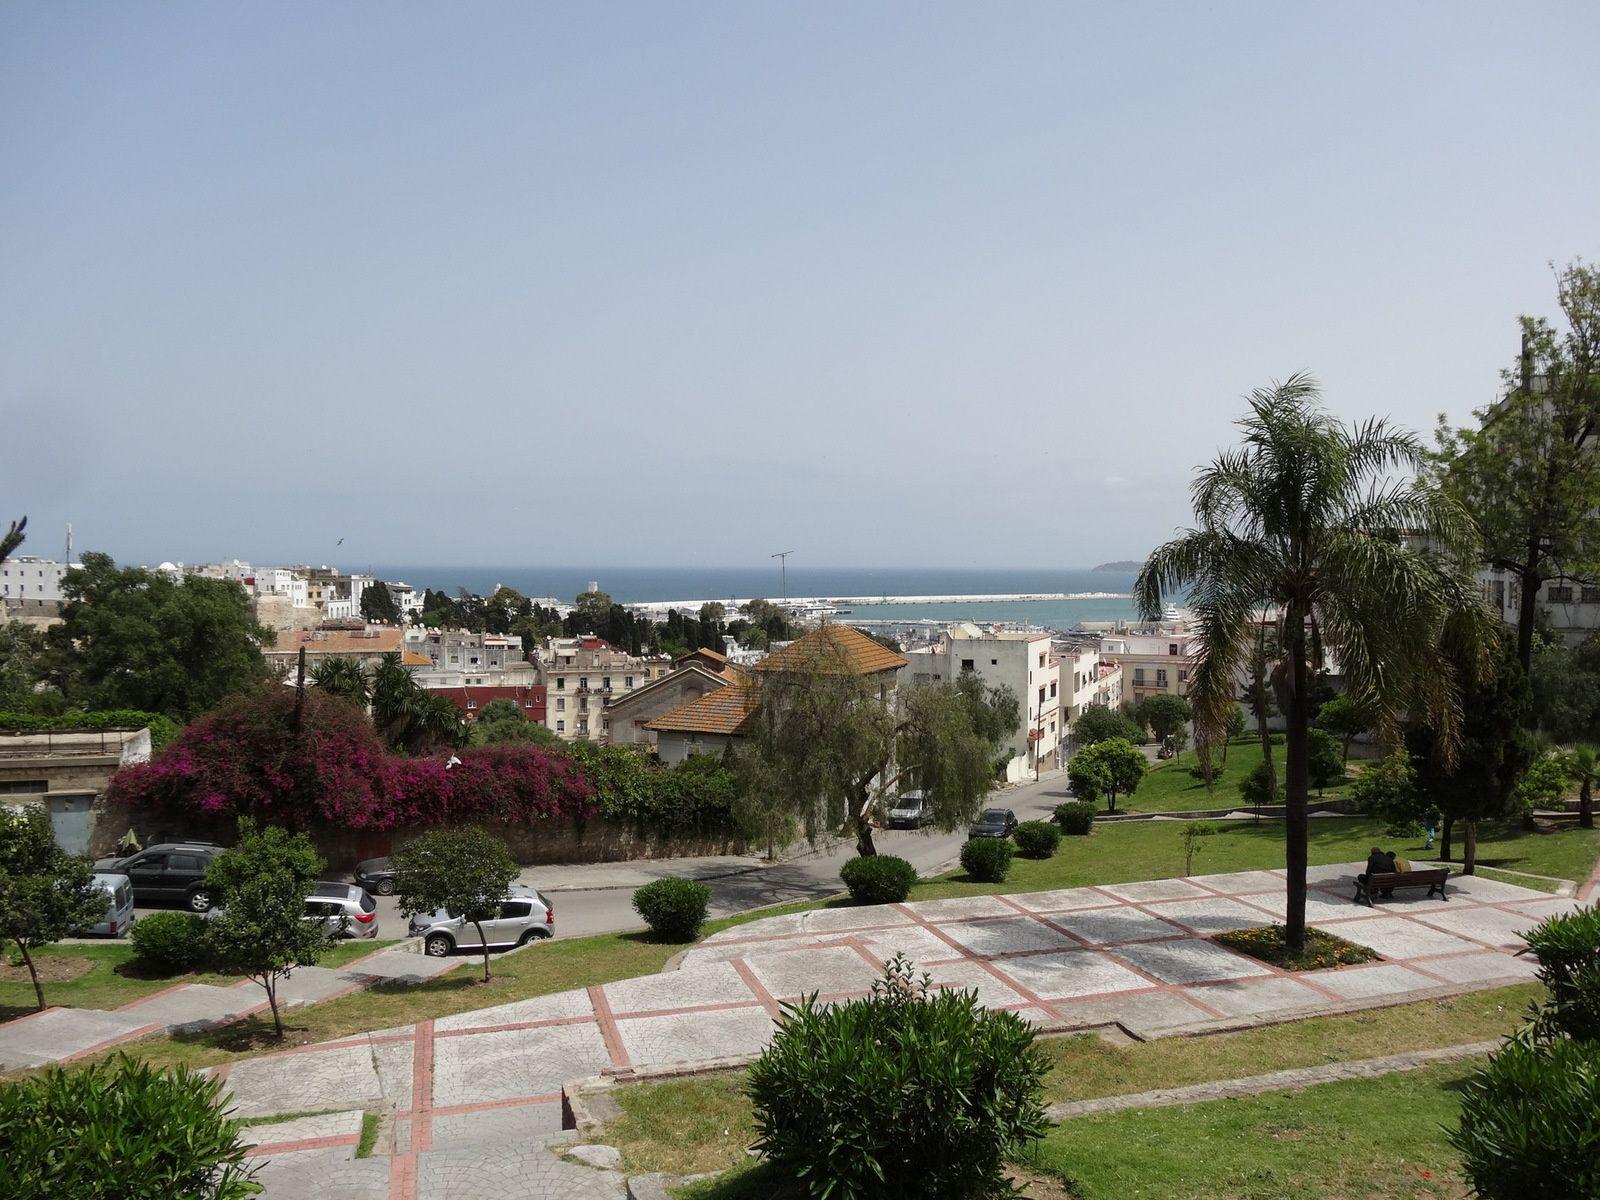 La vue depuis la place des Paresseux à Tanger (2 photos)